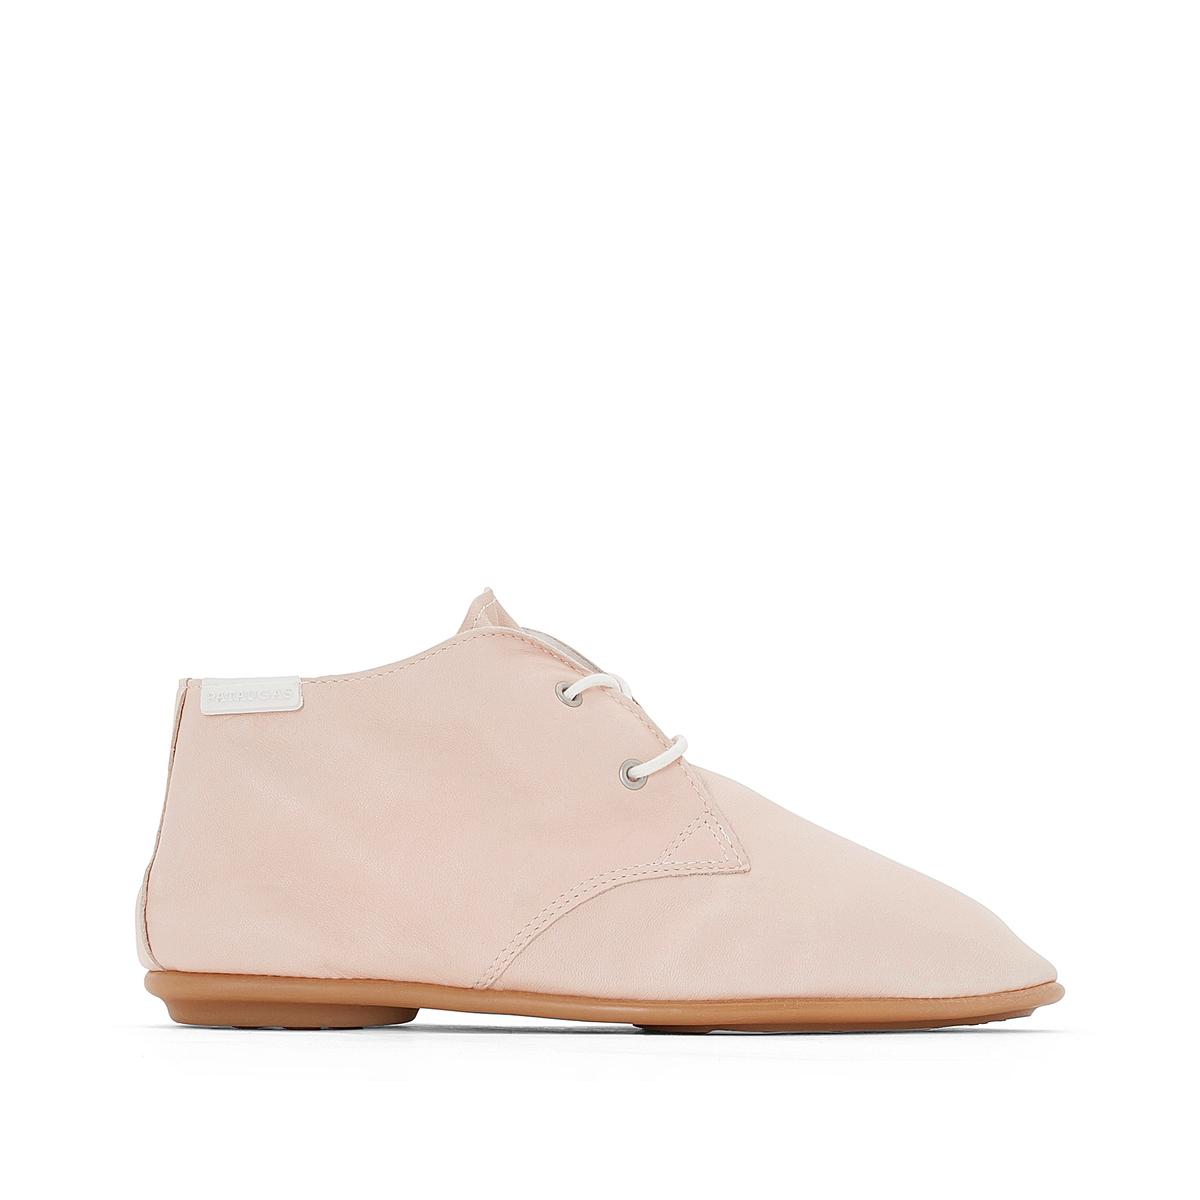 Ботинки кожаные Scoot/NВерх/Голенище : Кожа.  Подкладка : Кожа.  Стелька : Кожа.  Подошва : резина   Форма каблука : плоский каблук  Мысок : закругленный.  Застежка : шнуровка<br><br>Цвет: серый,телесный<br>Размер: 36.40.39